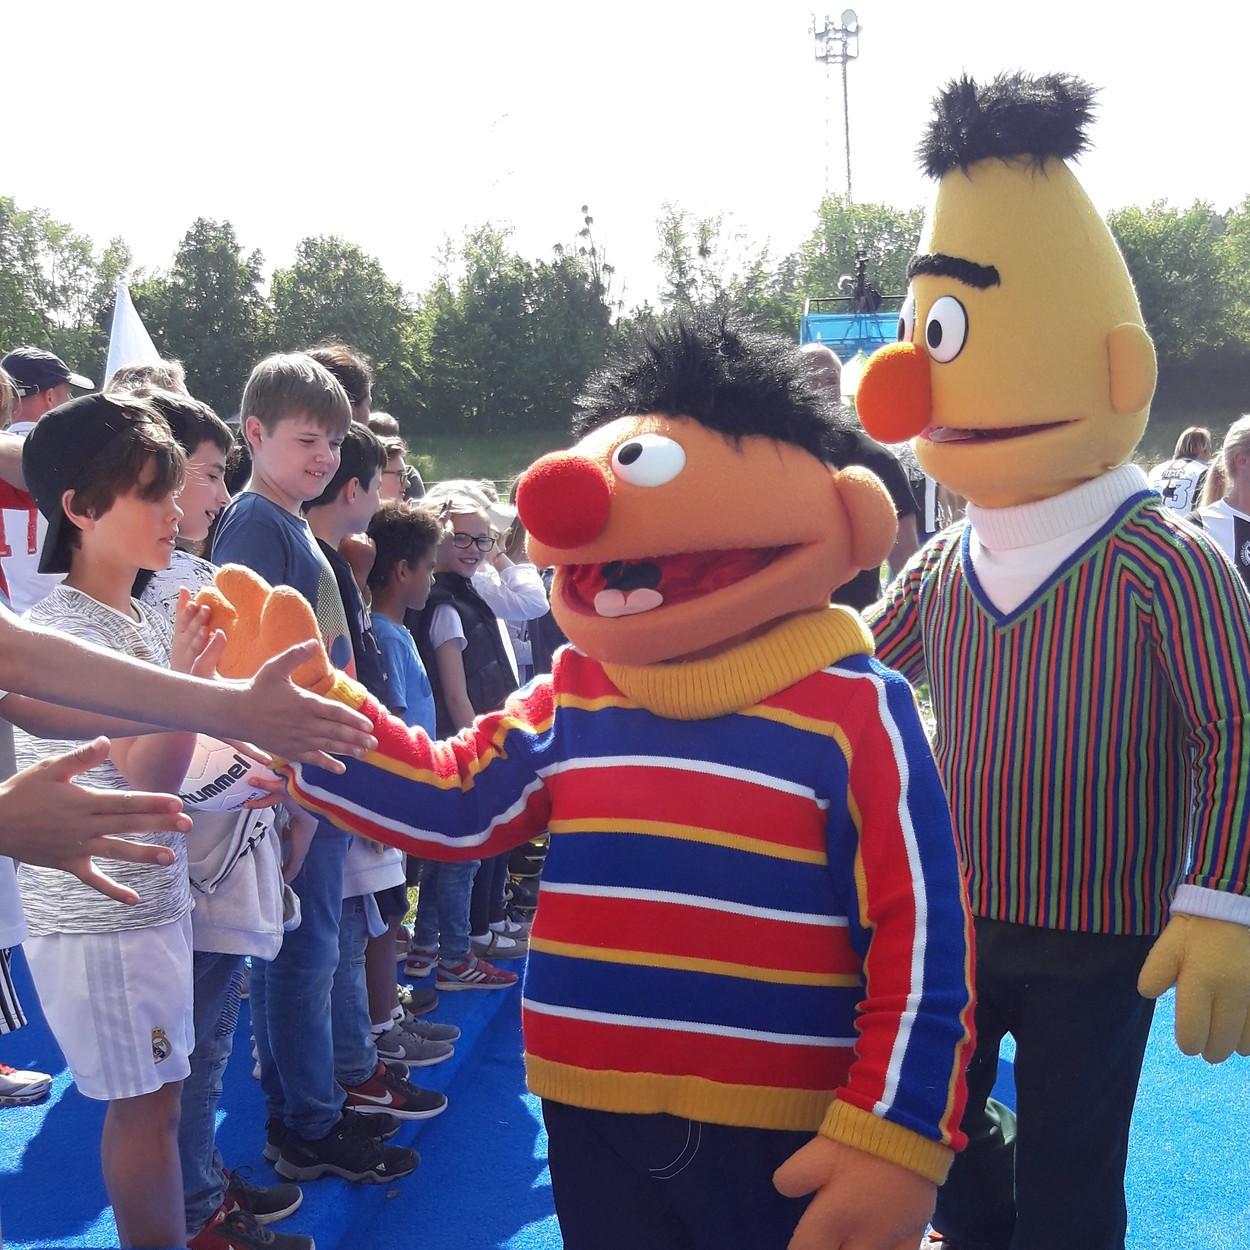 Bild: Ernie und Bert grüßen ihre Fans